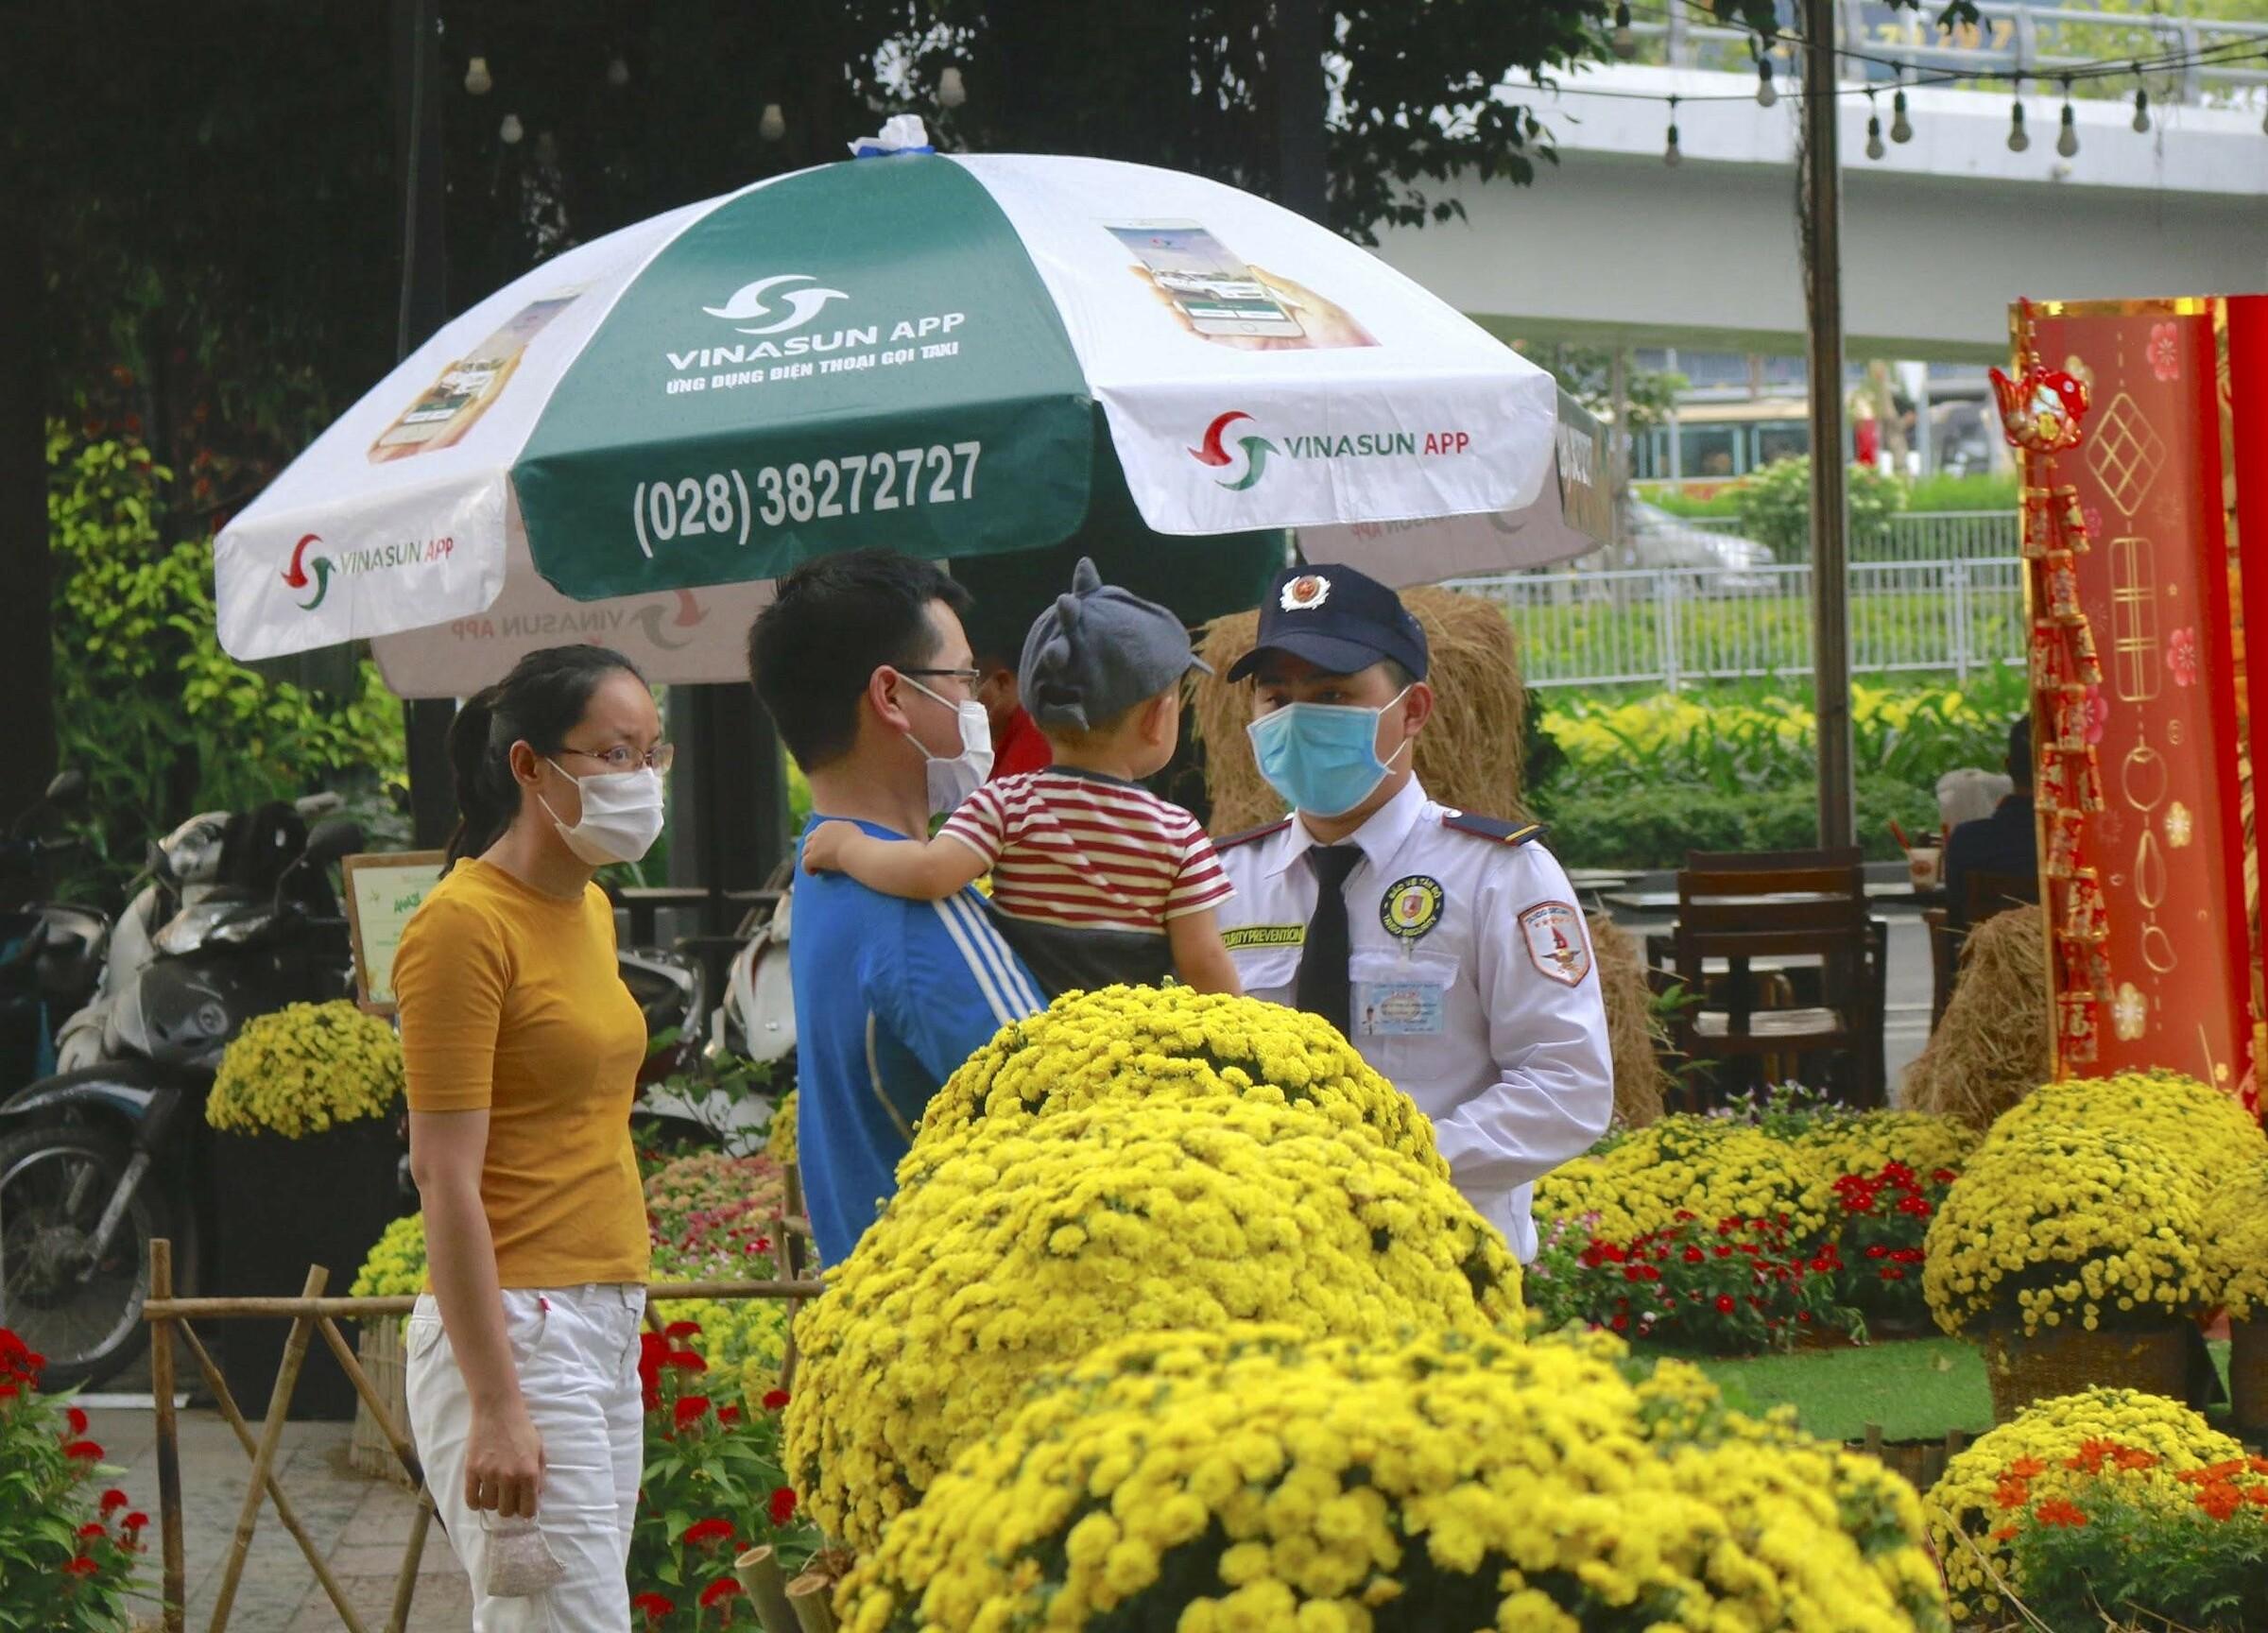 Để bảo đảm công tác phòng dịch, đường hoa luôn kiểm tra thân nhiệt những khách đến tham quan.